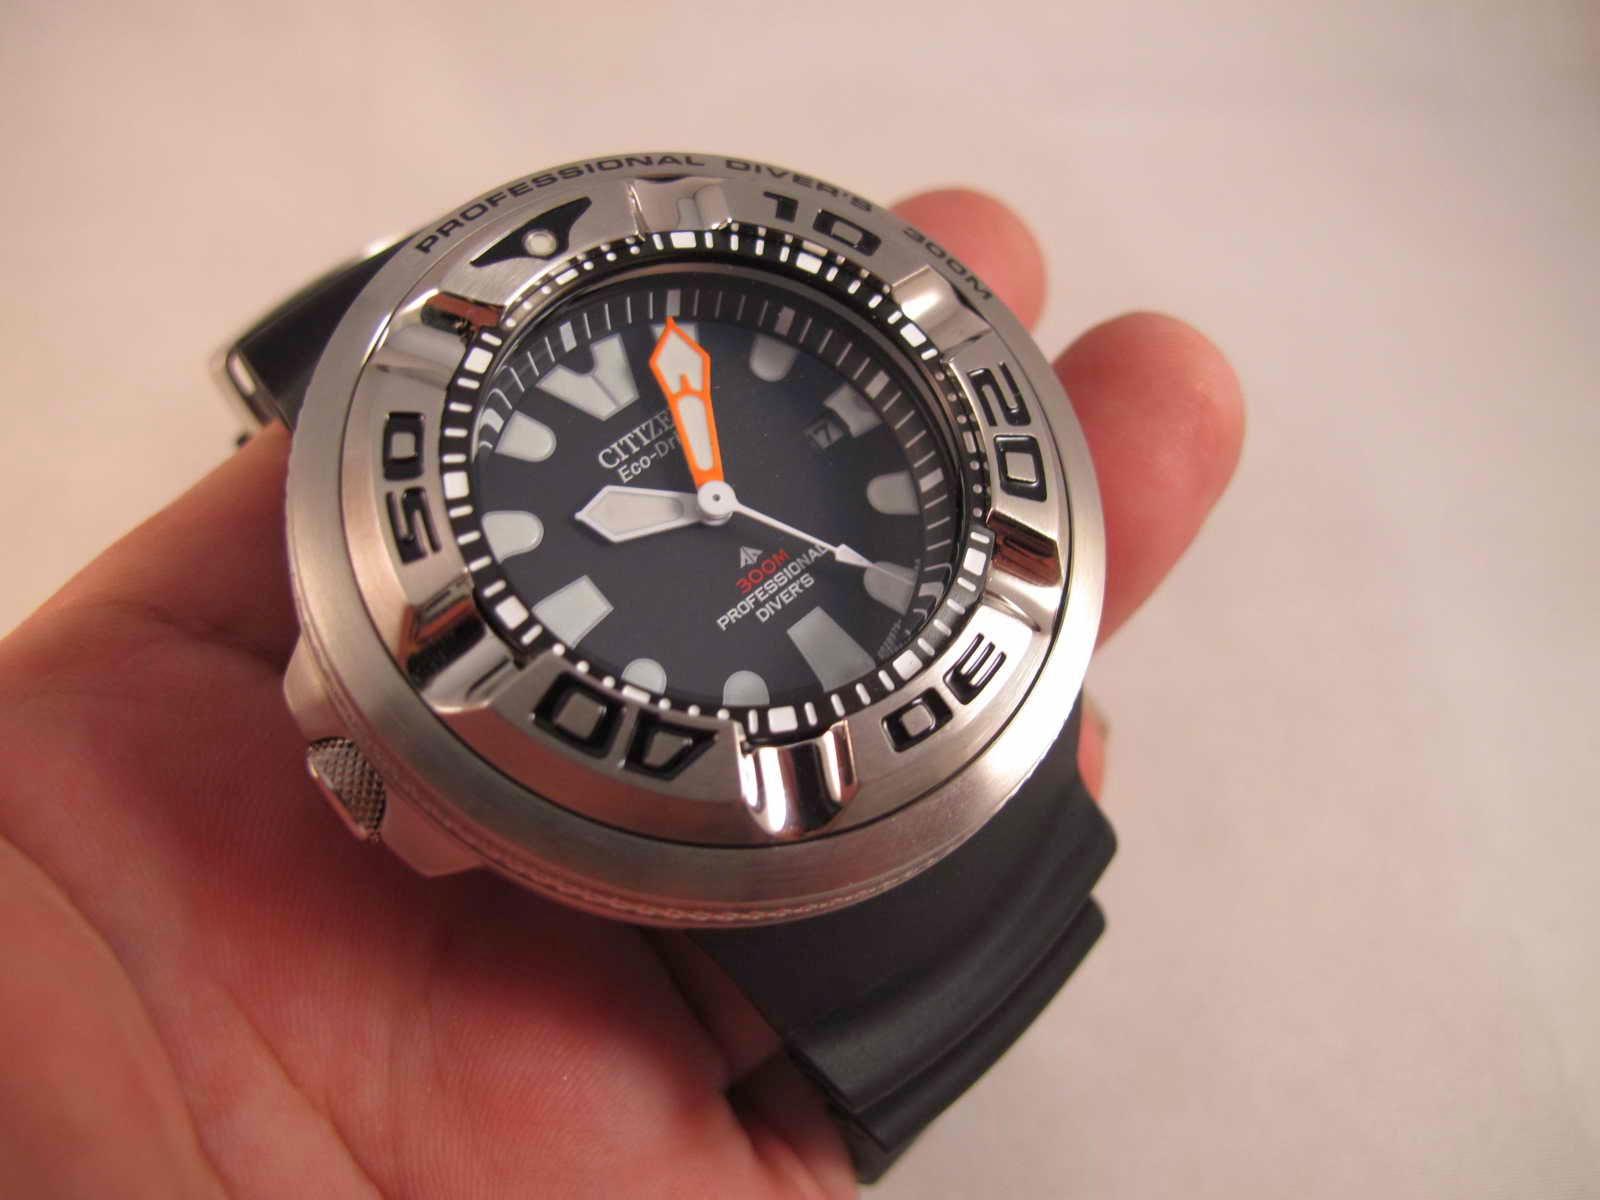 Cocok untuk Anda yang sedang mencari jam tangan Diver Huge model dengan tenaga ECO DRIVE ECOZILLA STAINLESS STEEL